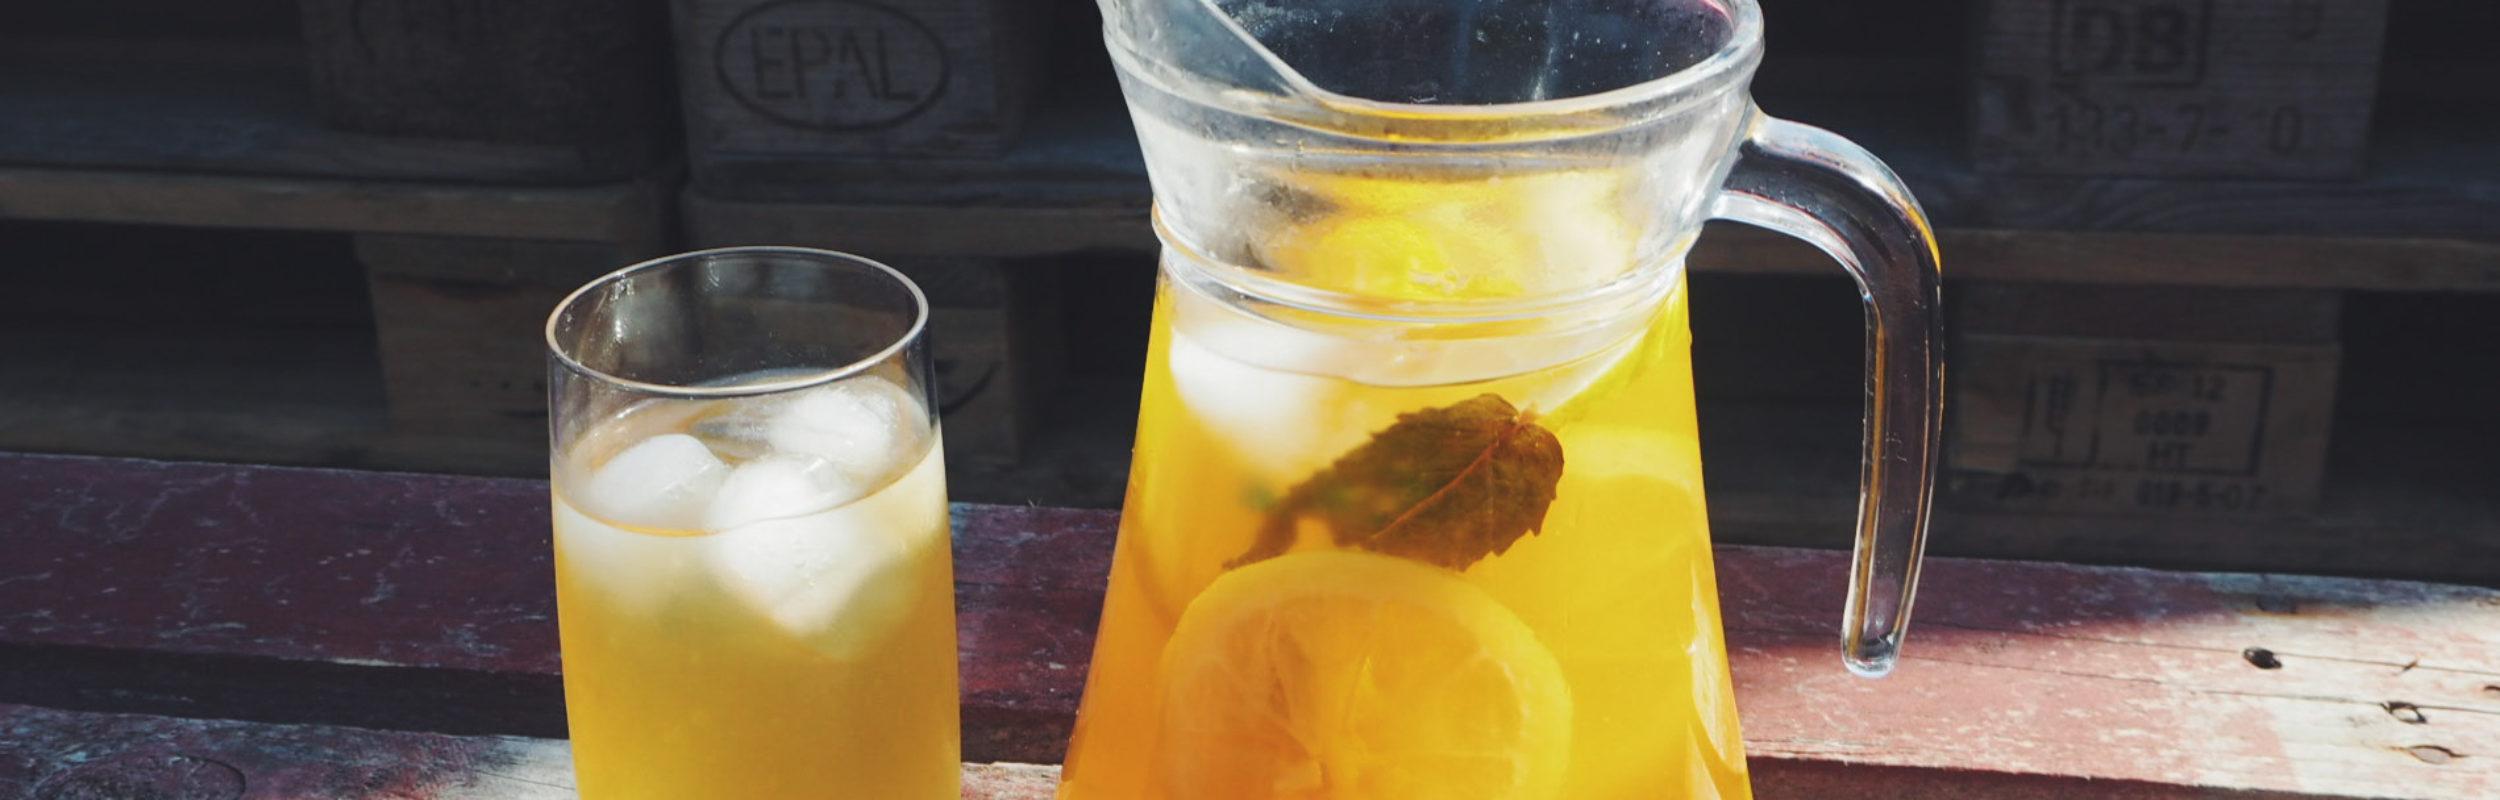 Recette de citronnade maison facile et rapide